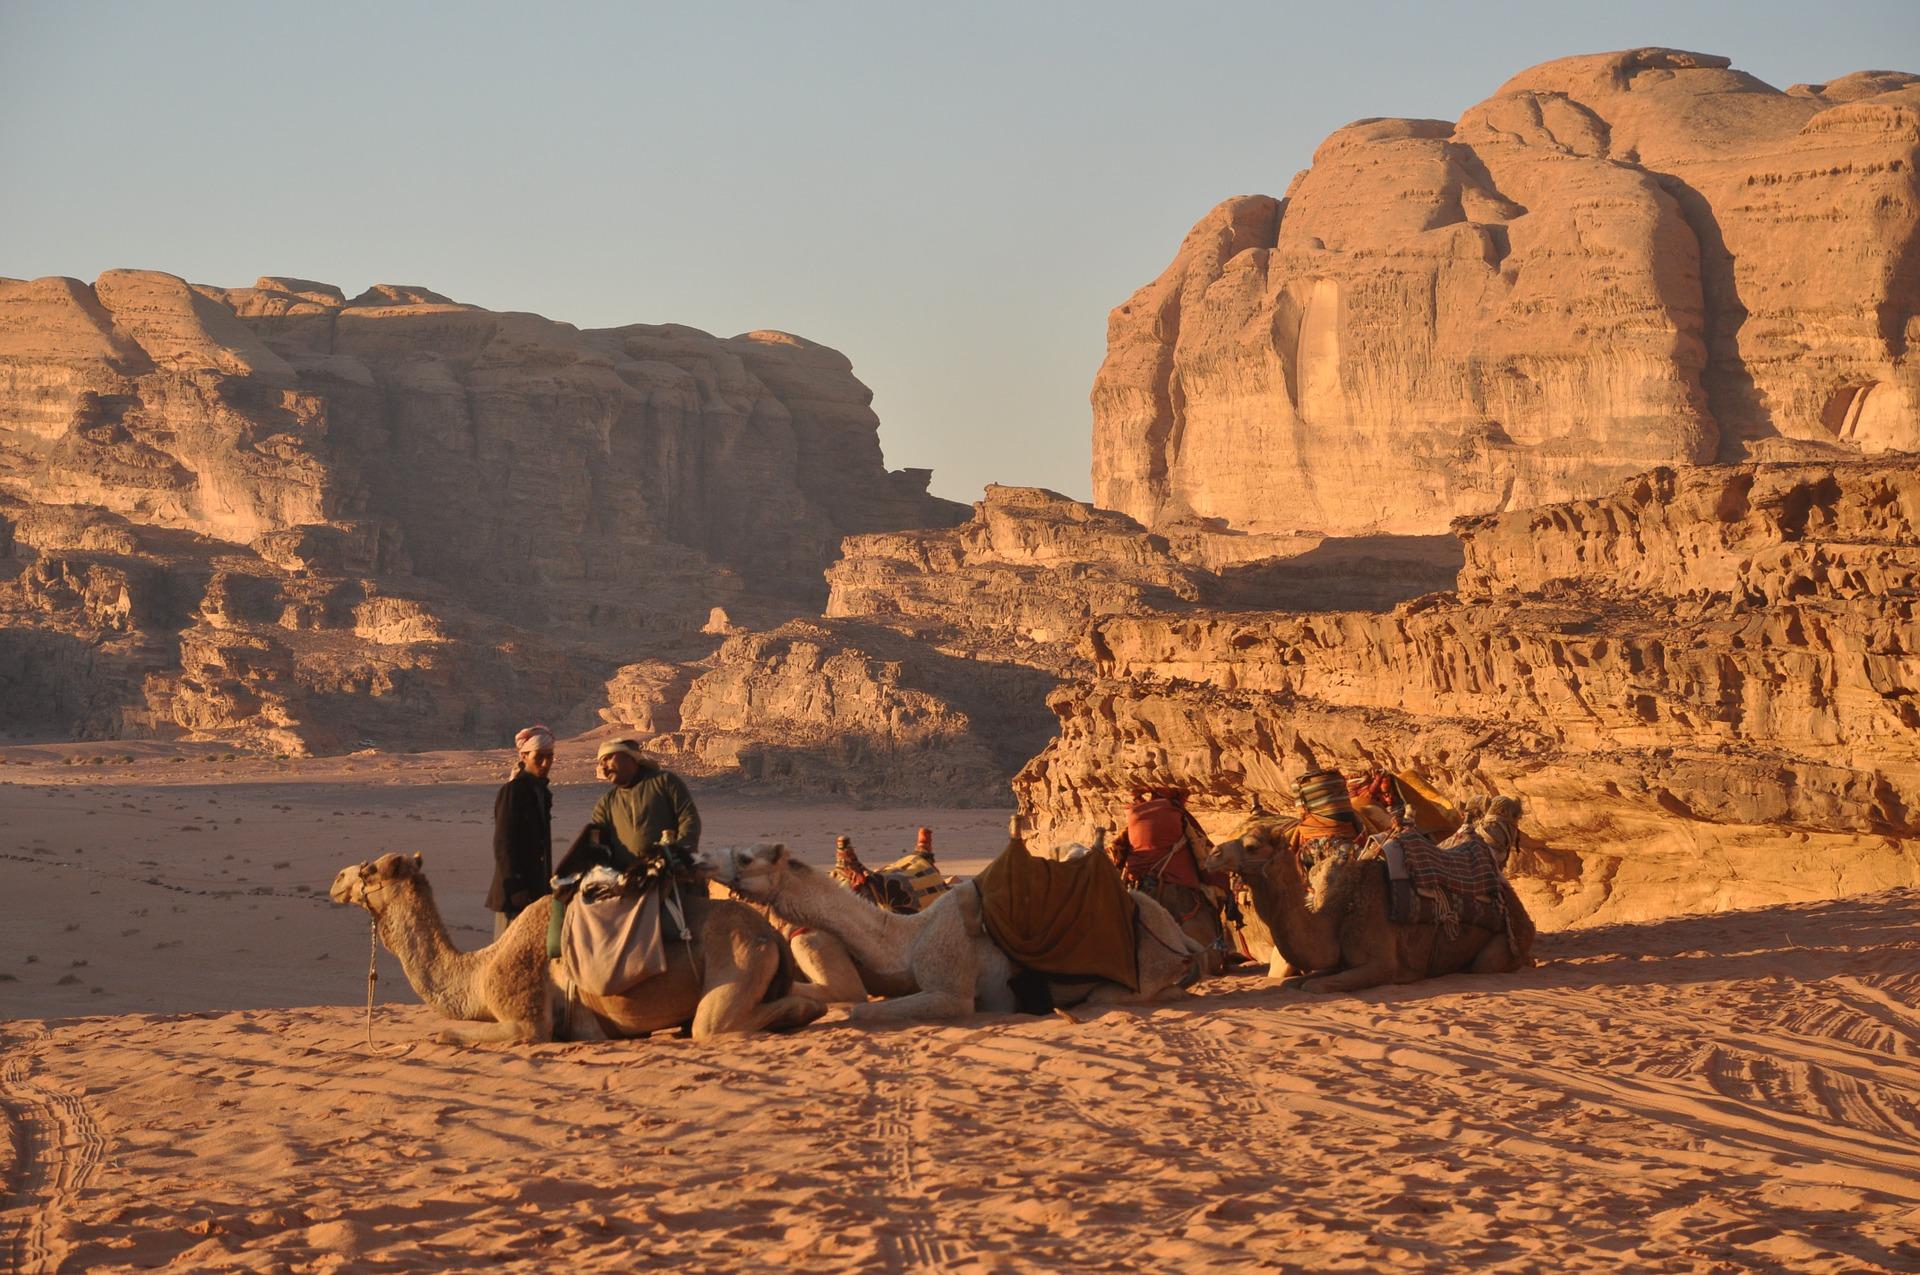 Trekking in Jordan